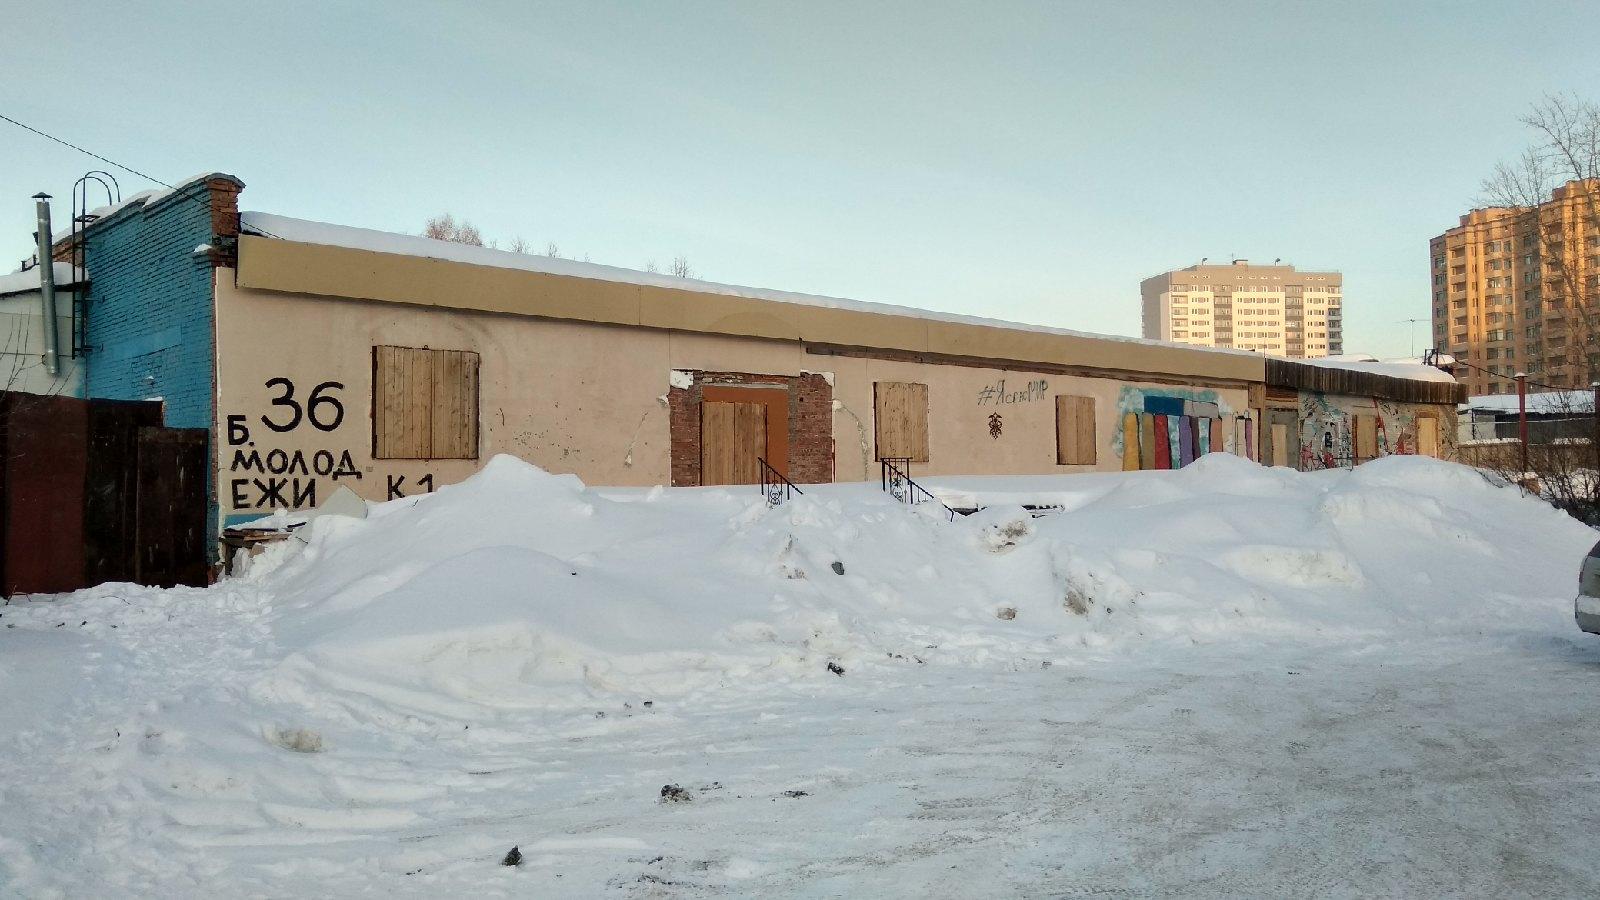 Обрушение крыши на бульваре Молодежи